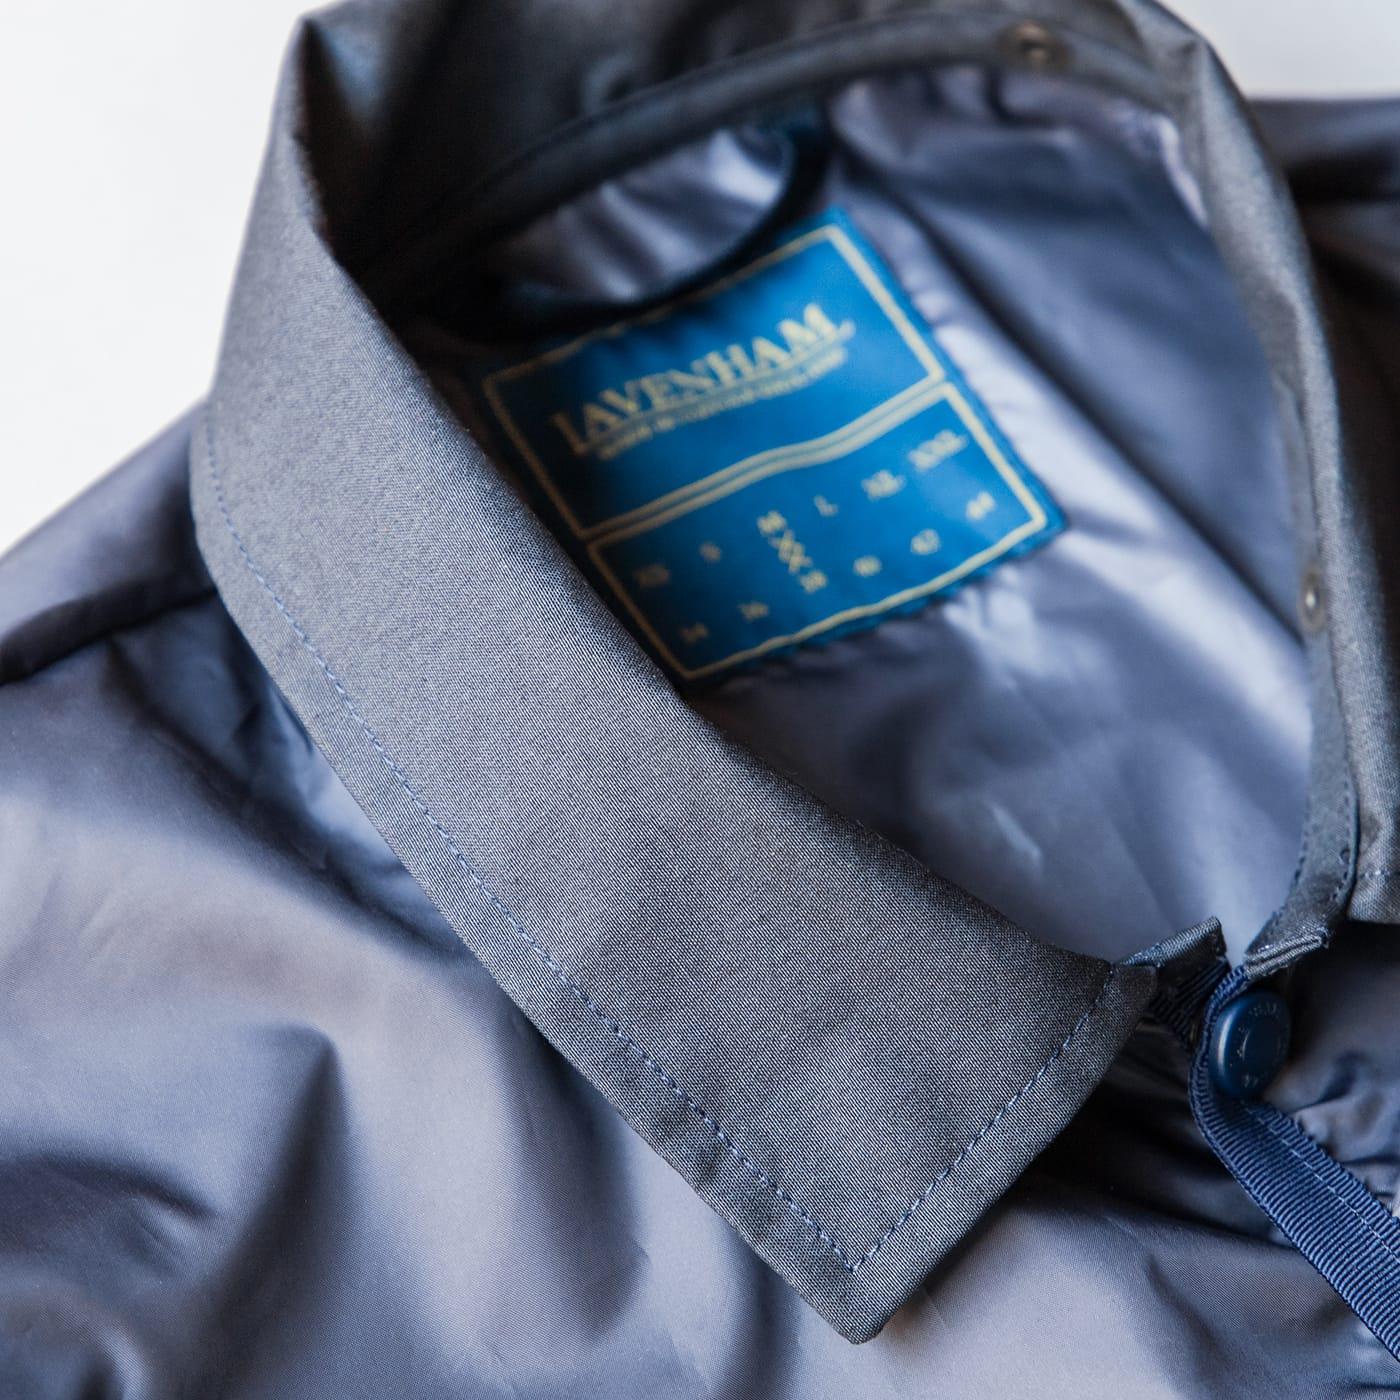 ラベンハム 2021年春夏 レイドン 清涼感のある素材を襟に採用